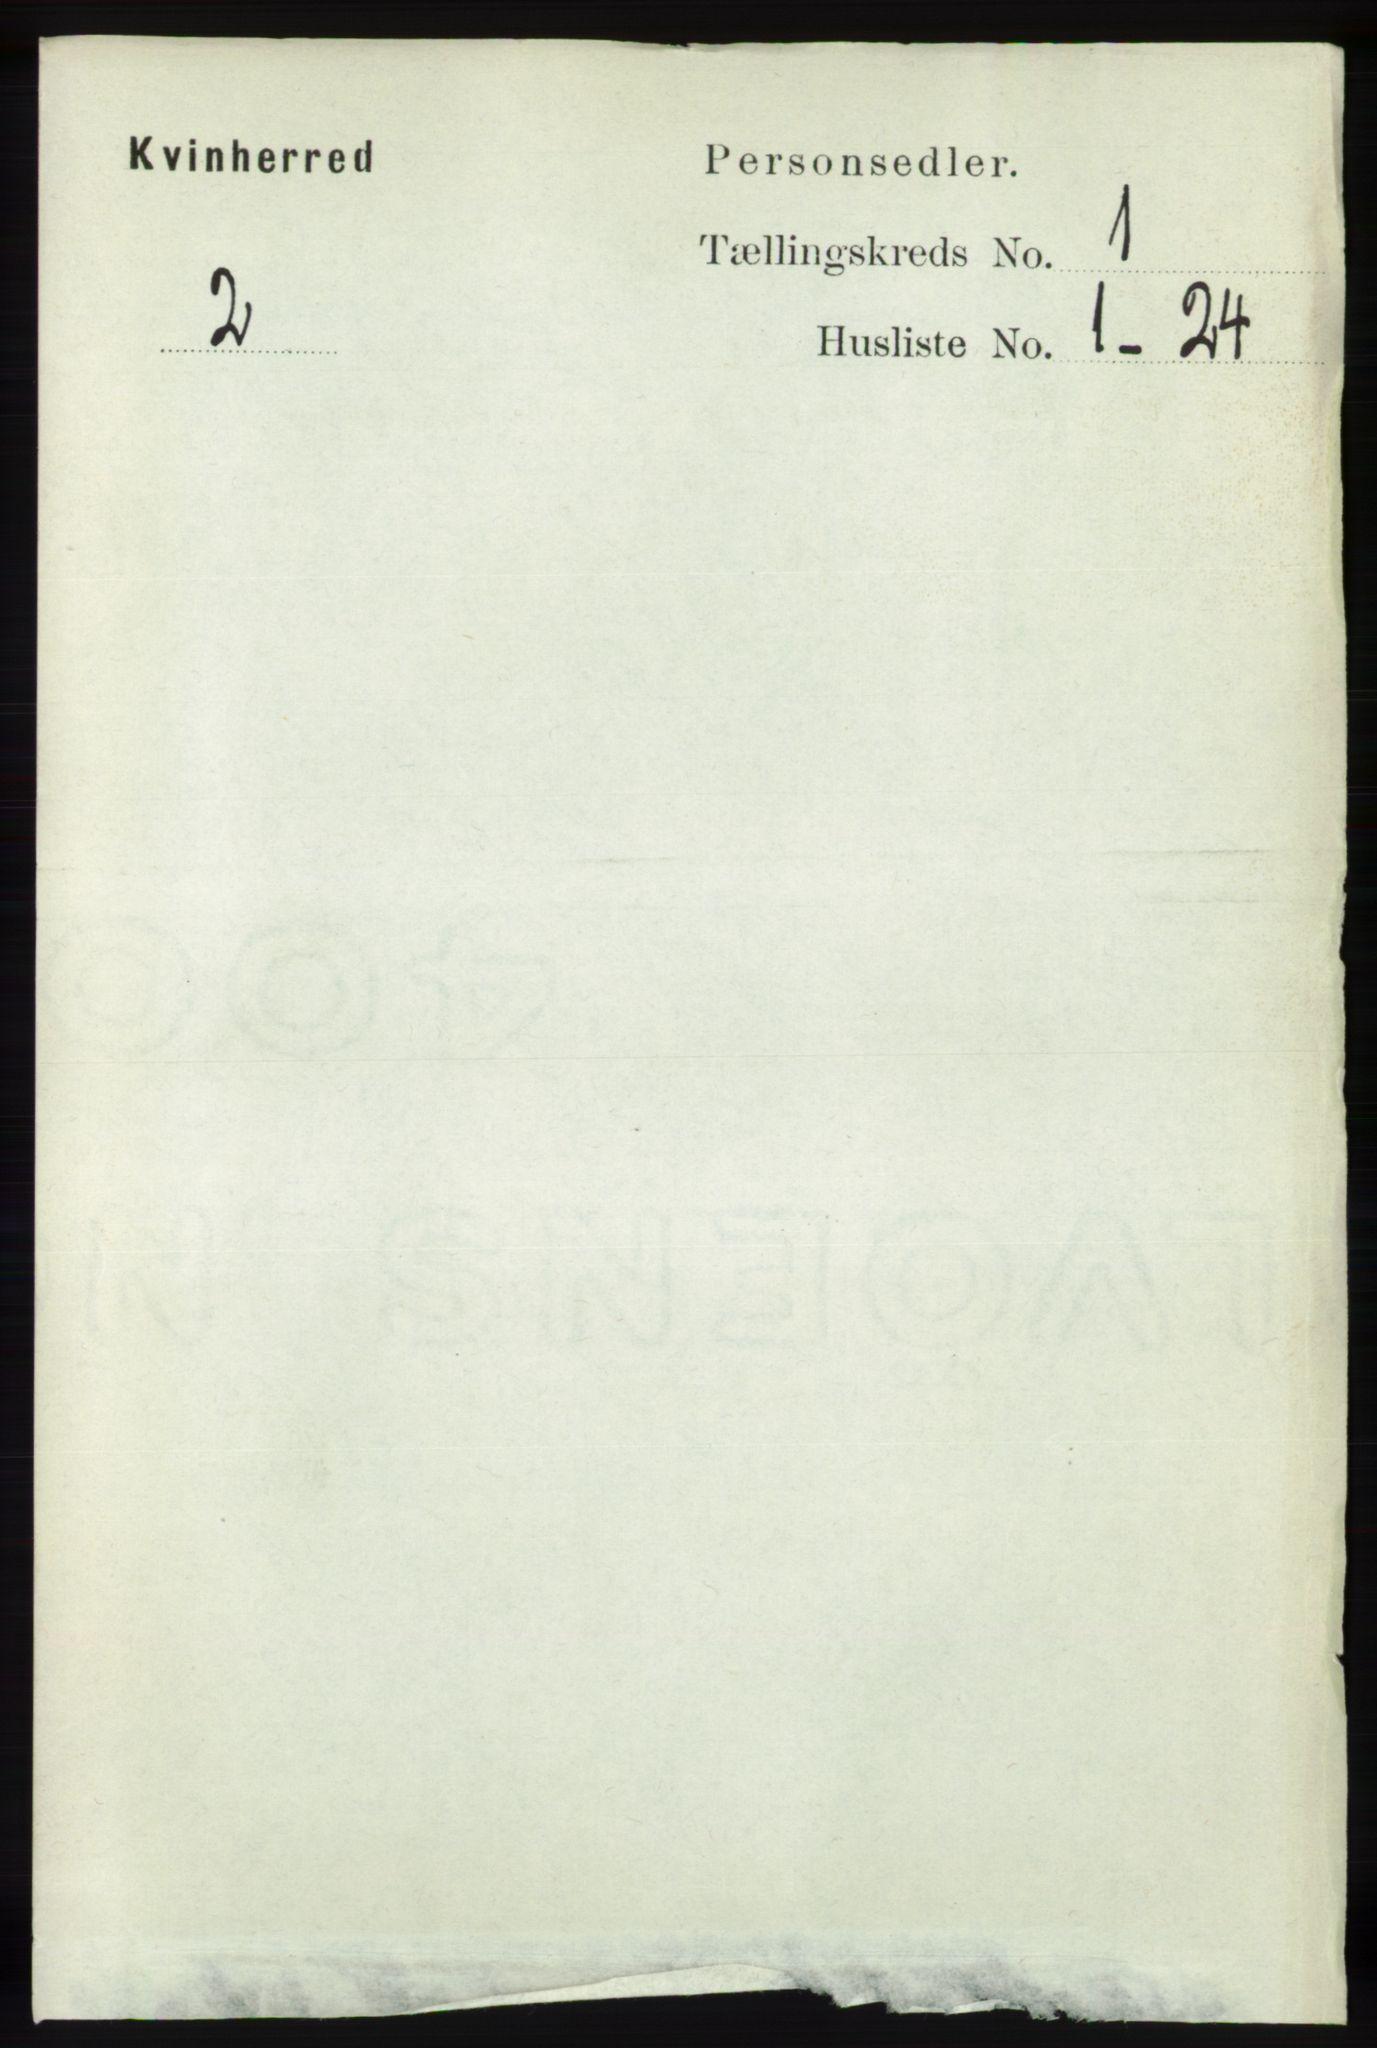 RA, Folketelling 1891 for 1224 Kvinnherad herred, 1891, s. 119